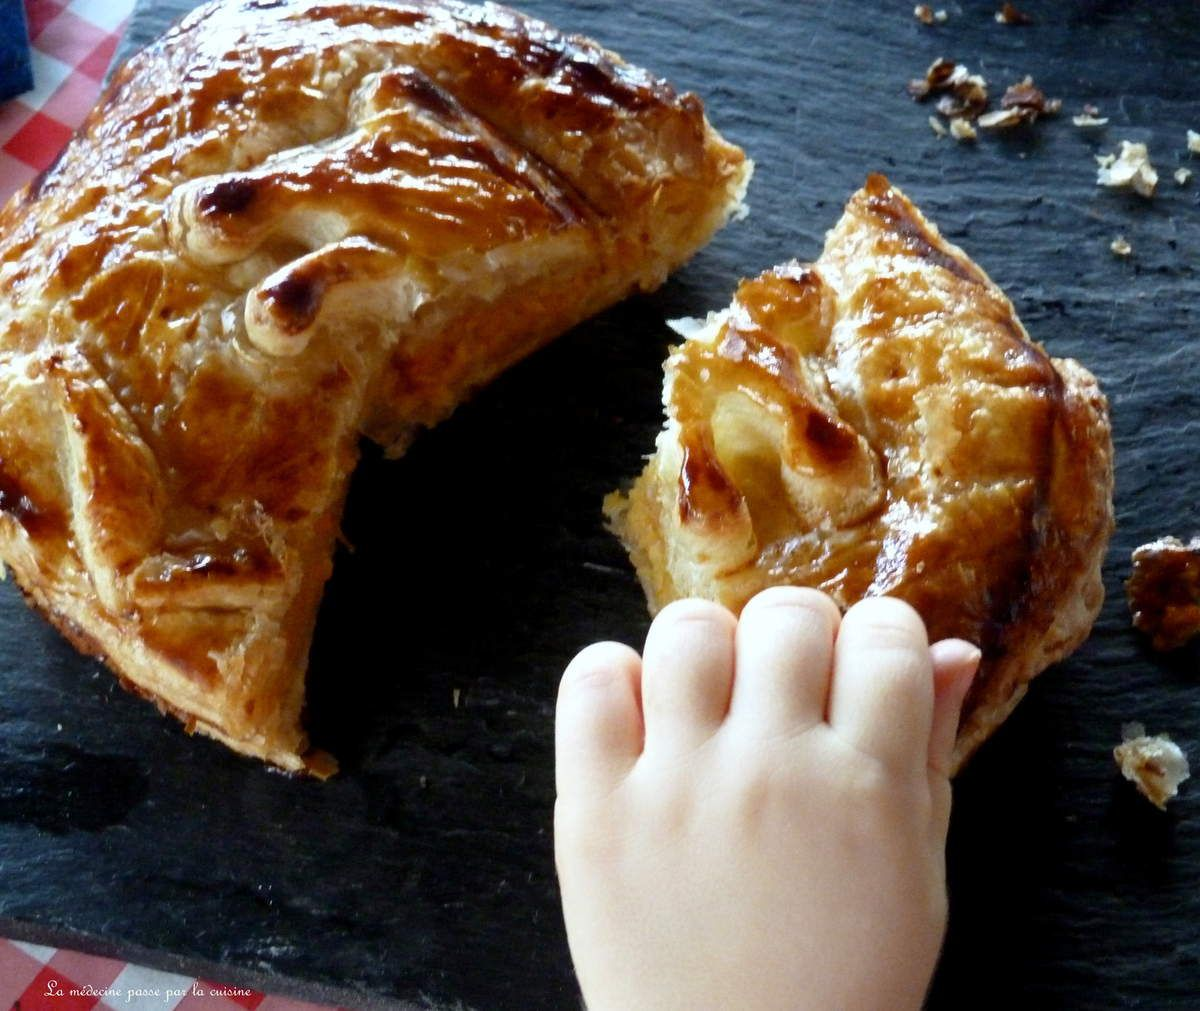 Ouh la petite main qui va manger la galette!